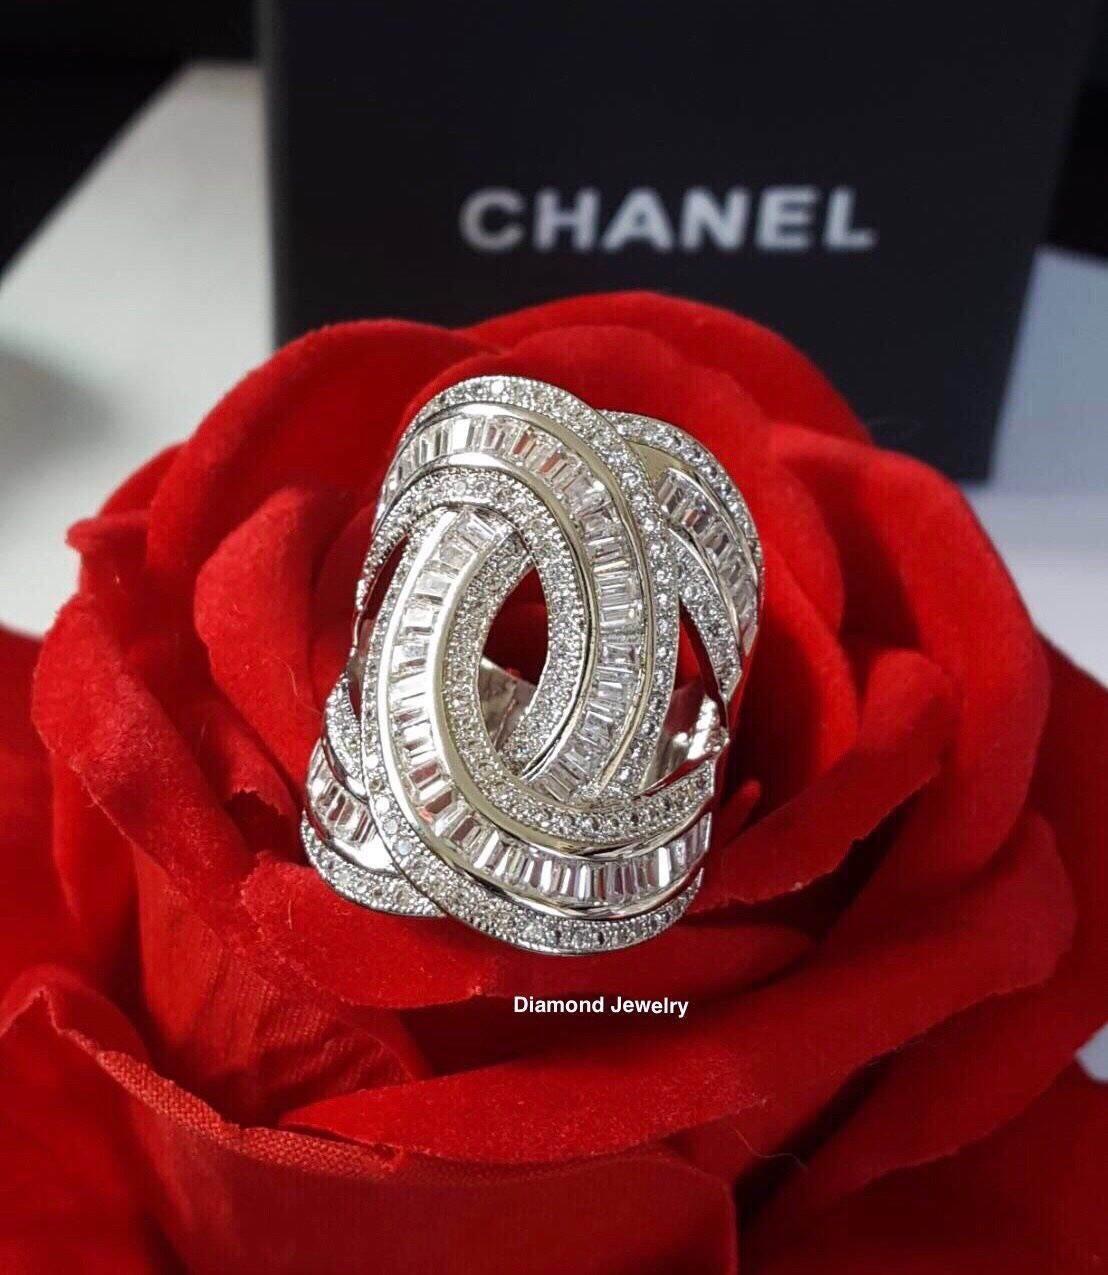 พร้อมส่ง Chanel Ringตัวนี้ค่ะ ใช้เพชร CZ แท้